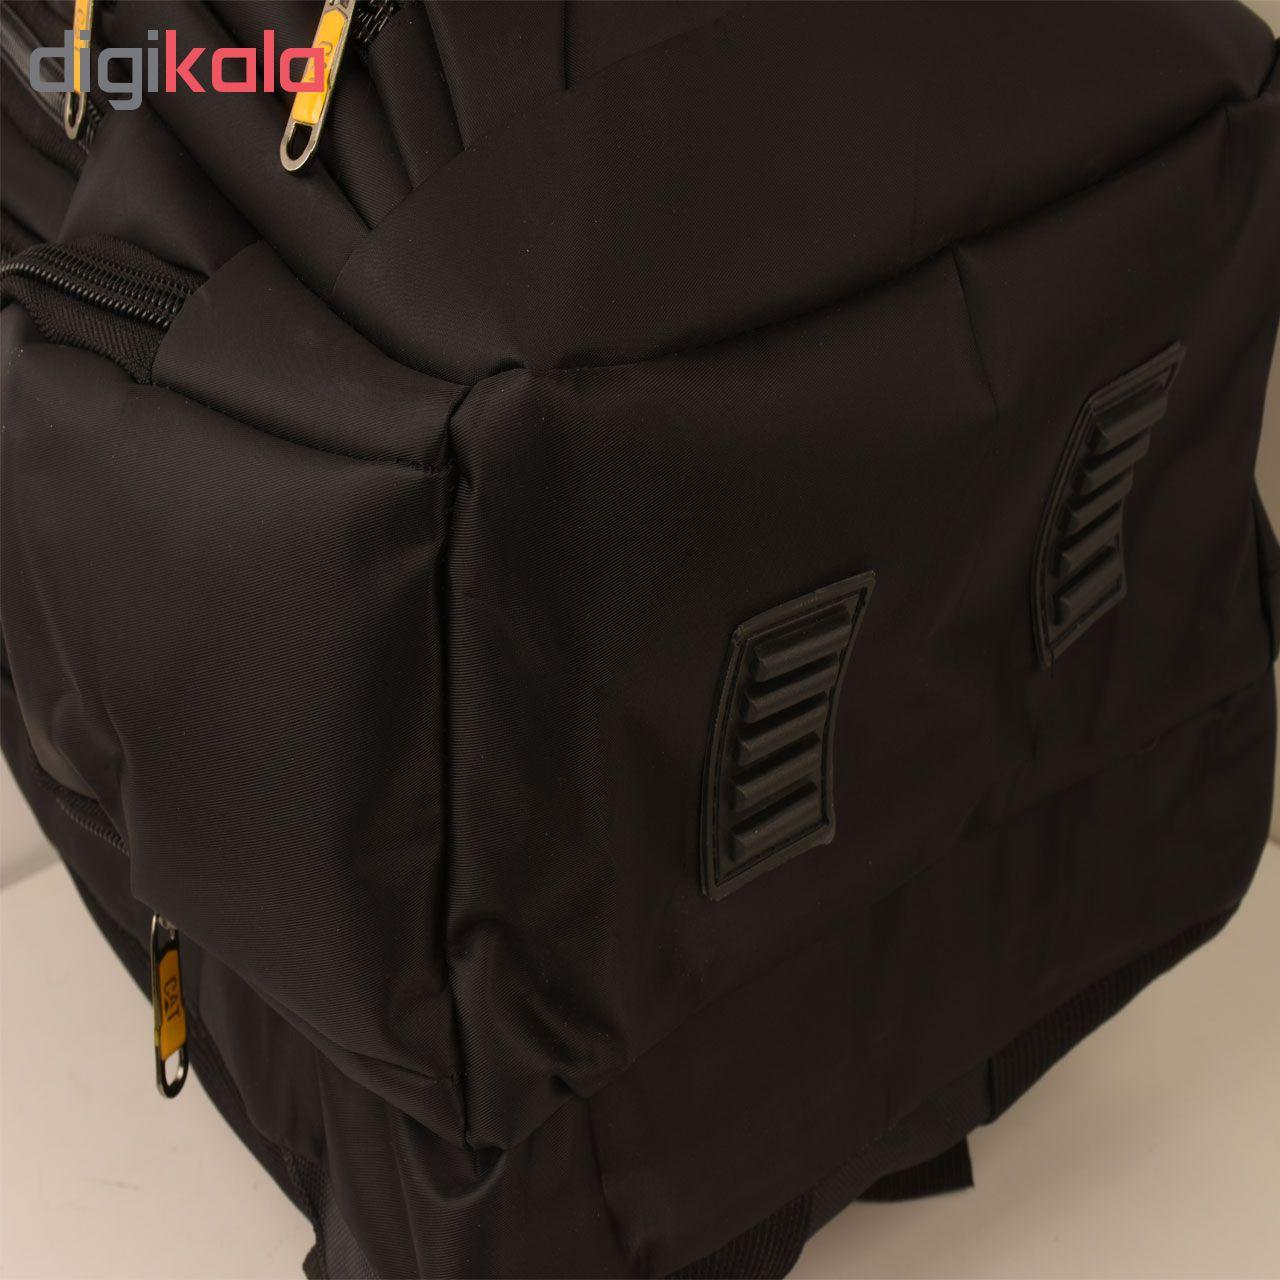 کوله پشتی لپ تاپ مدل SP144 مناسب برای لپ تاپ 15  اینچی main 1 8